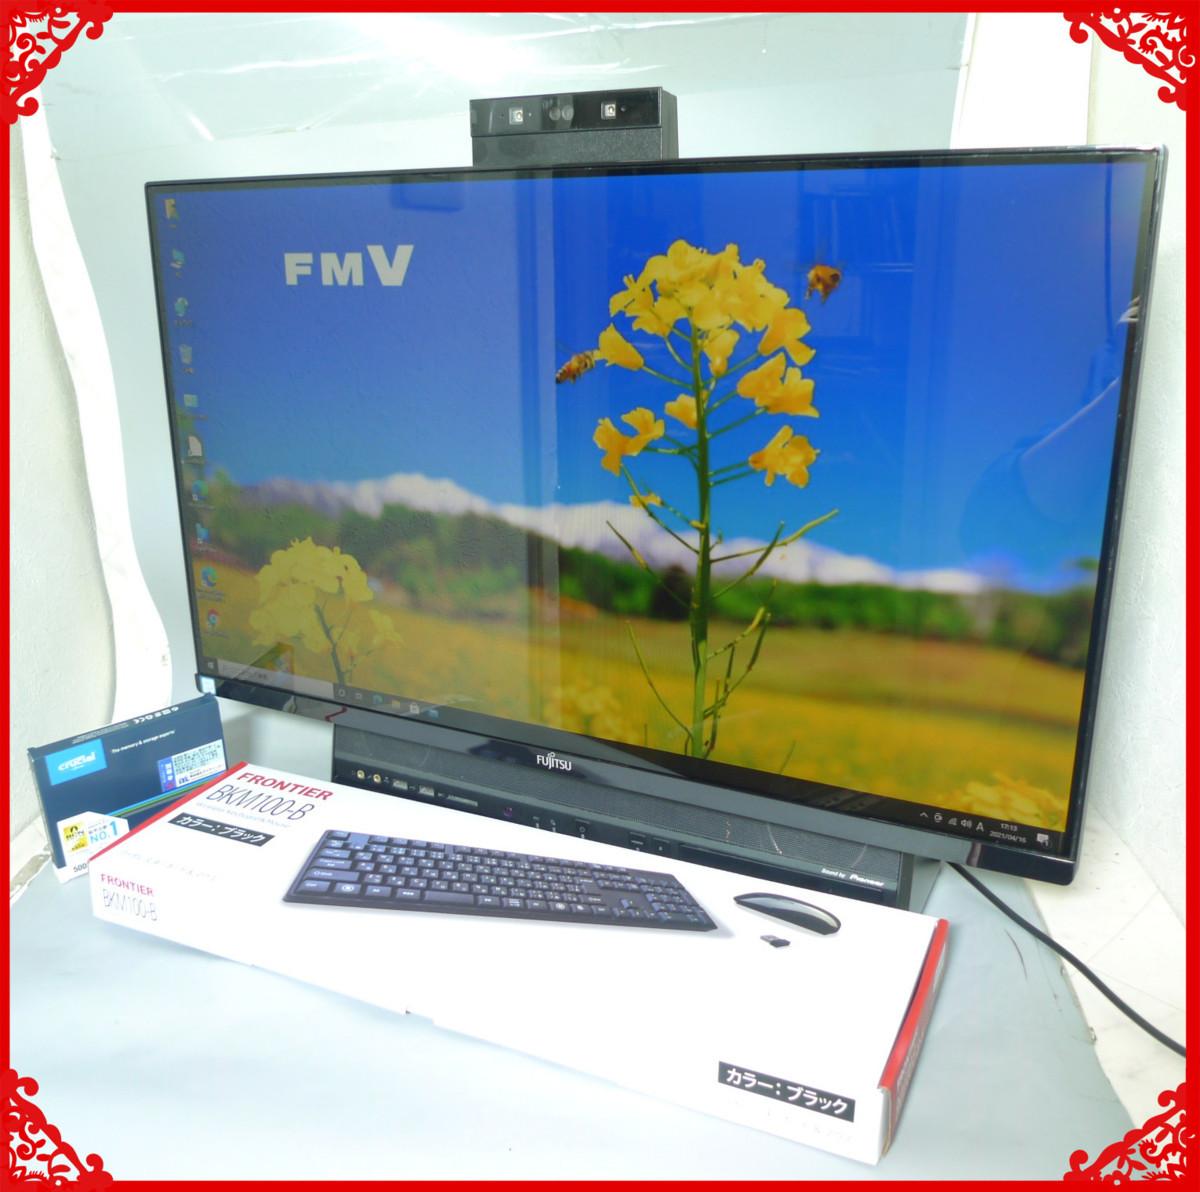 1円 新品SSD500GB テレビ機能 Windows10 中古良品 27型 富士通 ESPRIMO FH90/A3 一体型パソコン i7 6700HQ 16GB 3TB Blu-ray 無線 Office